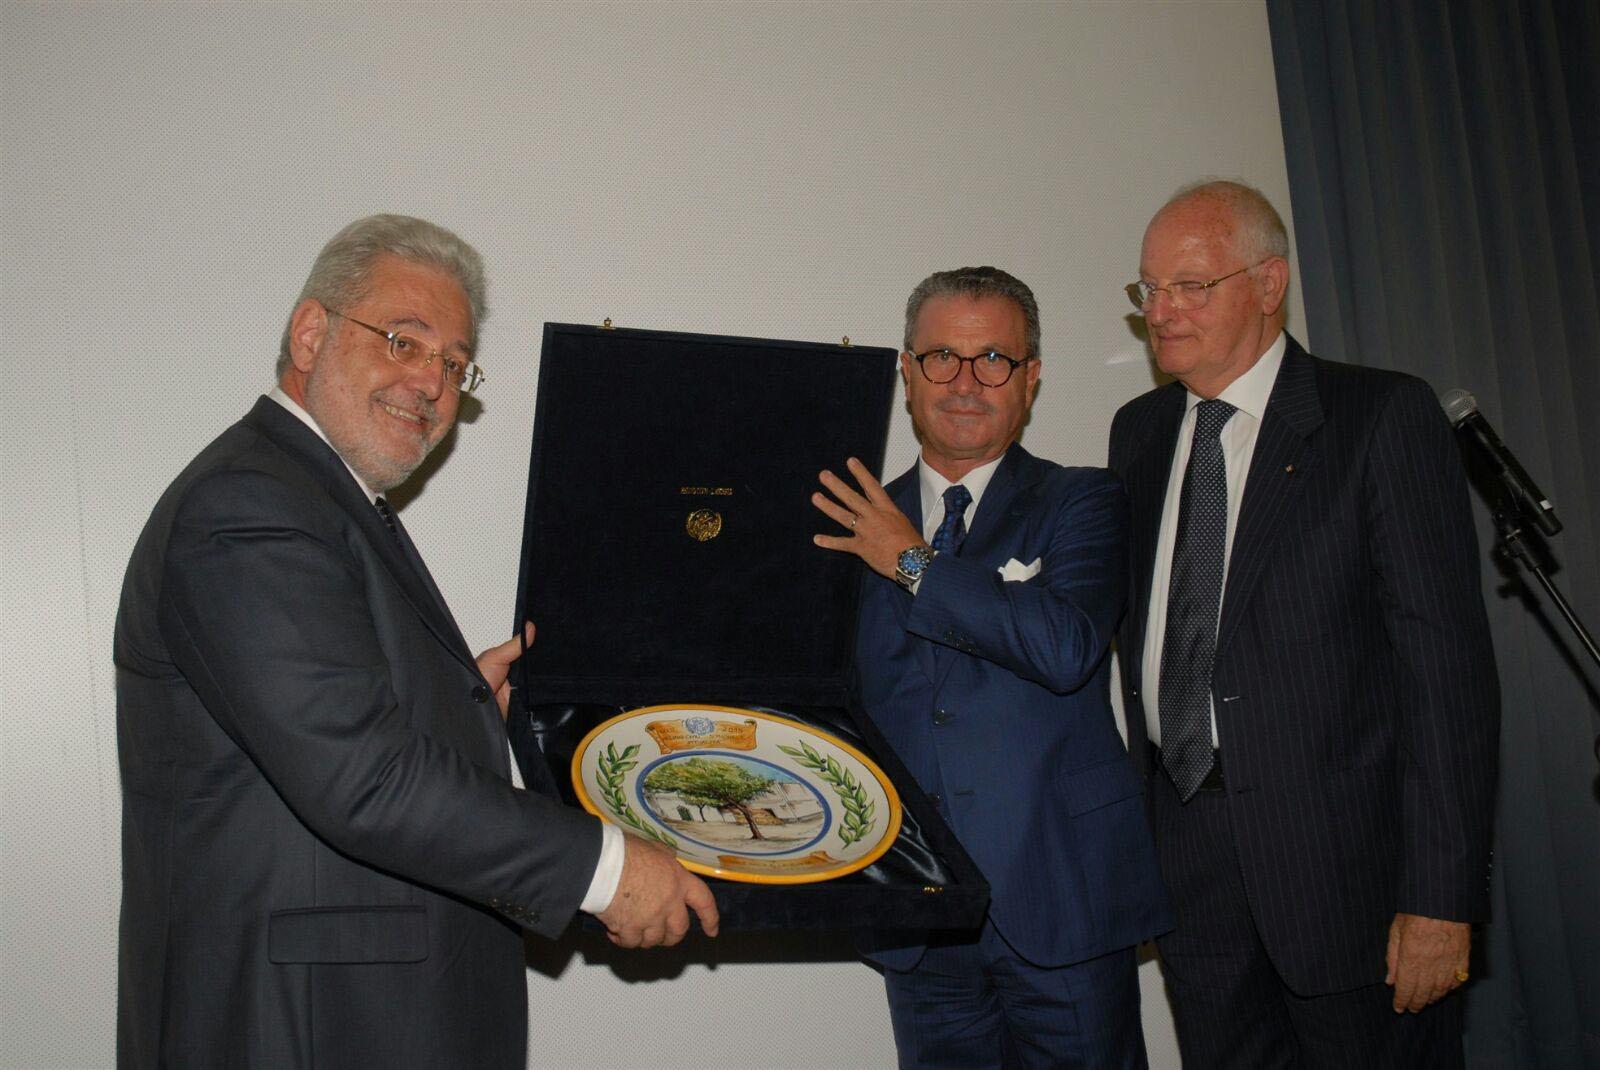 Preziosi riceve il premio dall'imprenditore Francesco Esposito